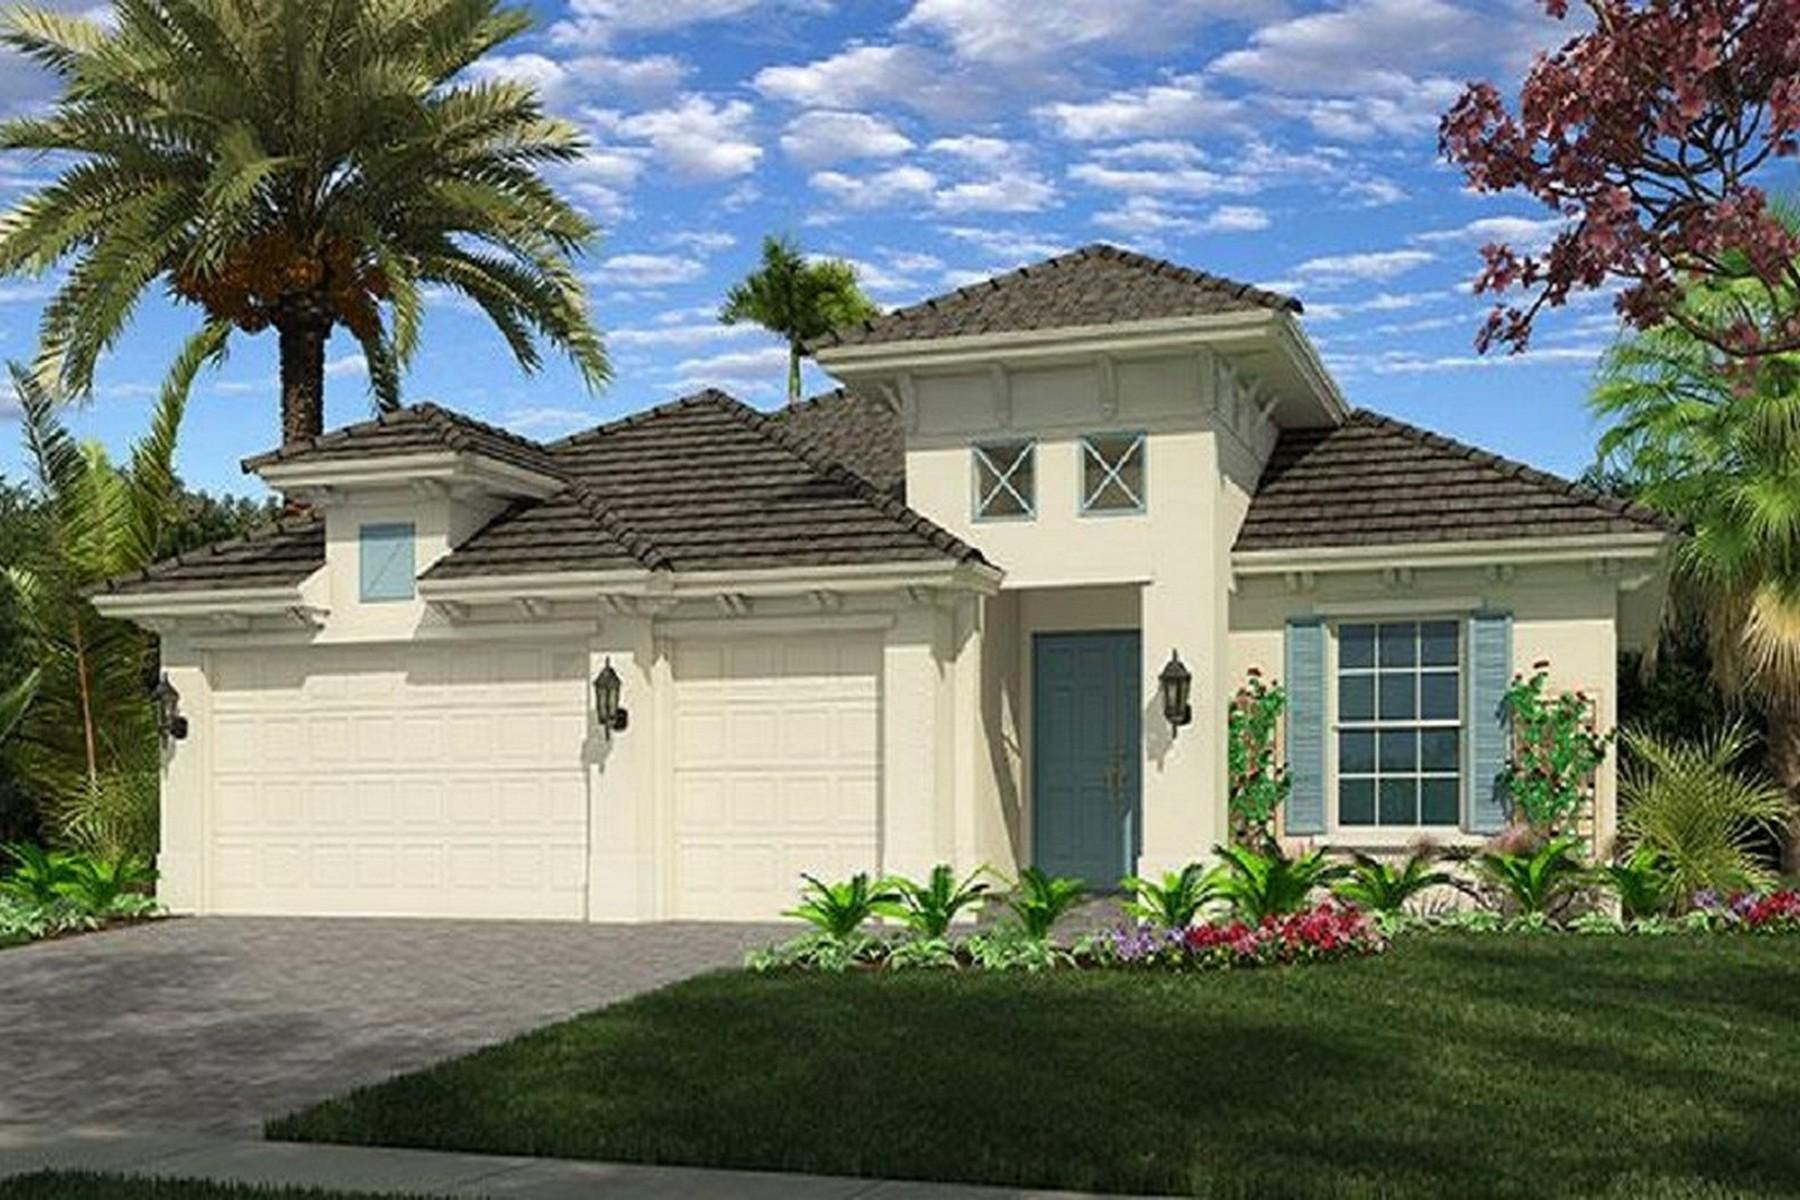 Casa para uma família para Venda às Lovely Home in Lily's Cay 1334 Lily's Cay Circle Vero Beach, Florida, 32967 Estados Unidos